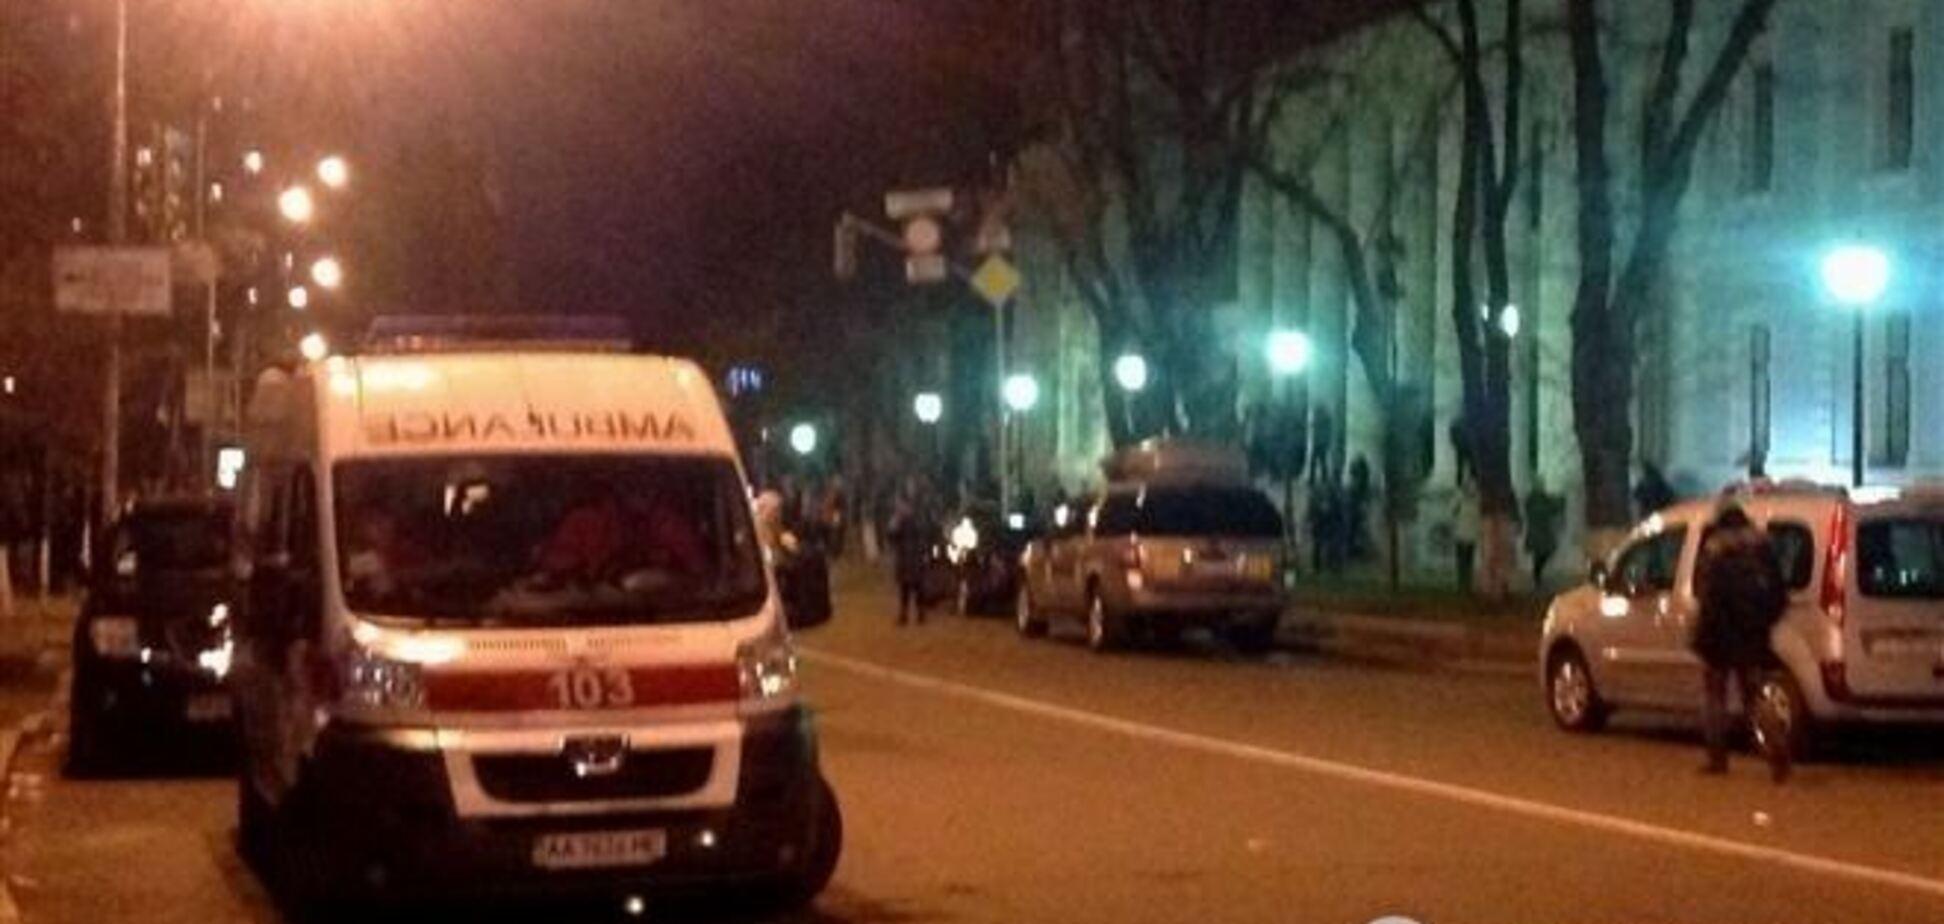 Во время акций в Киеве правоохранители получили тяжелые травмы - Азаров